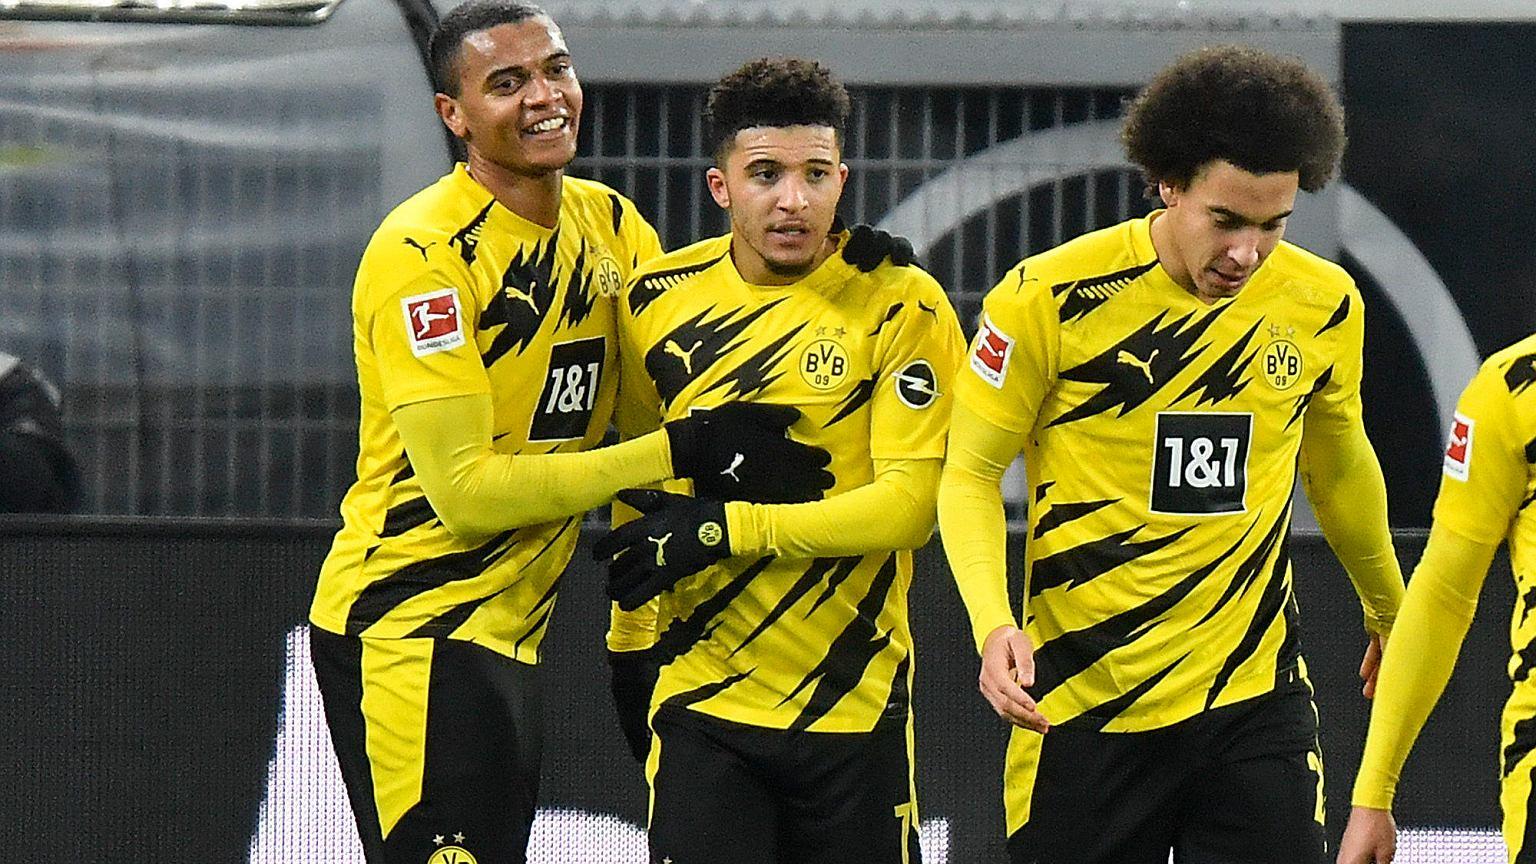 Borussia obniża odstępne za Jadona Sancho. Już są chętni na transfer